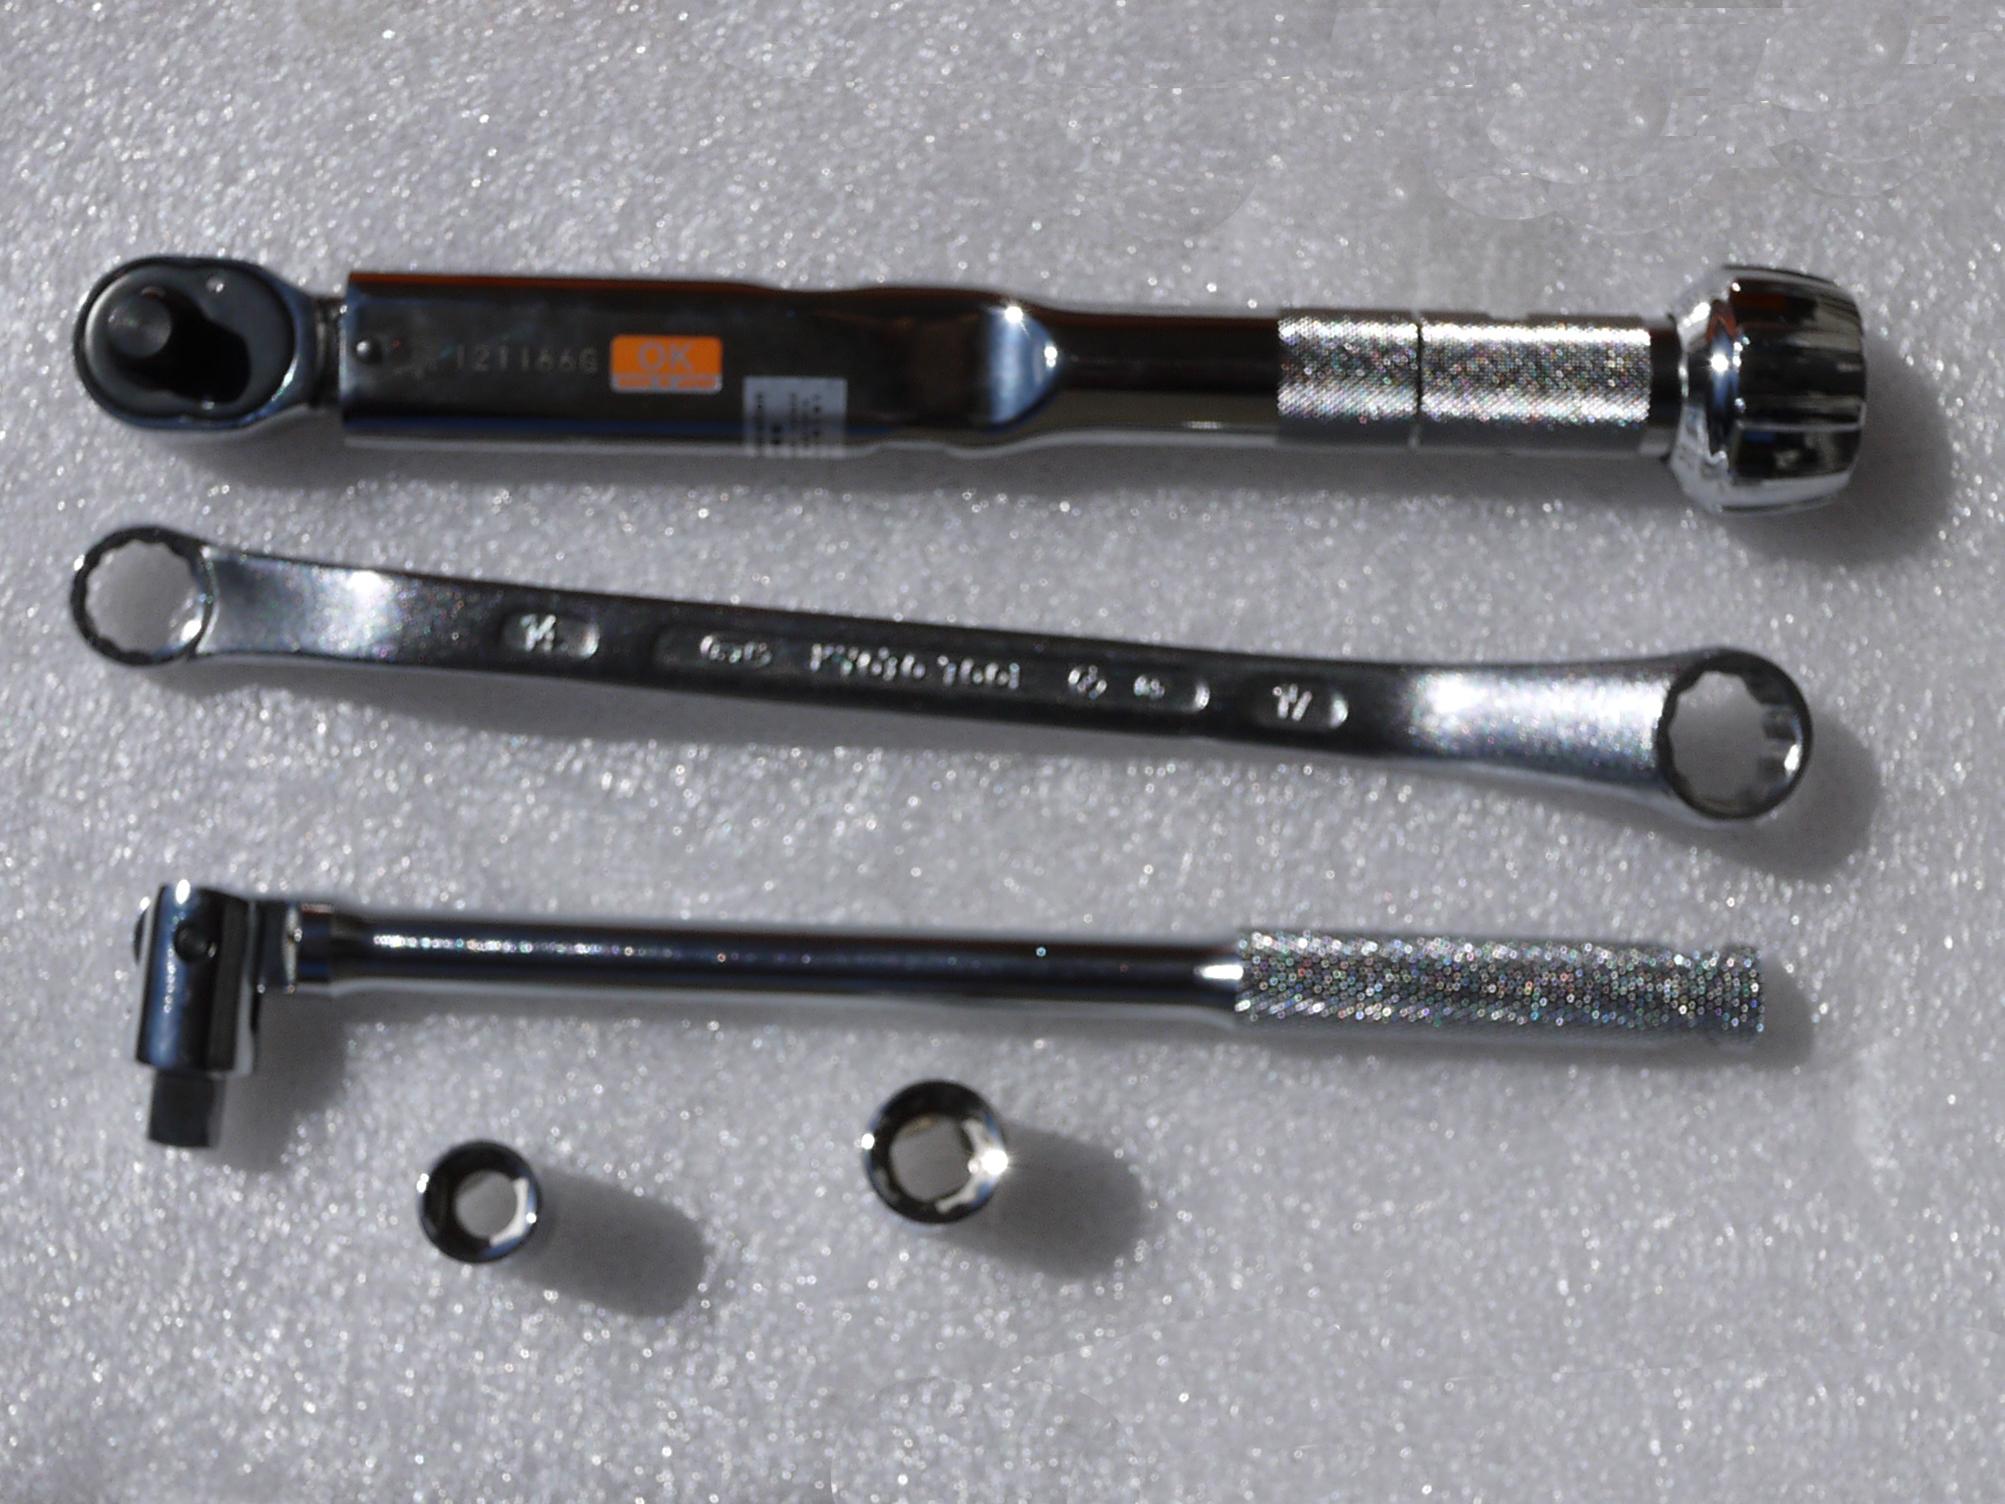 クロスカブ (CROSS CUB)の 車高調整 ローダウンリアサスペンション エンデュランス 取付工具